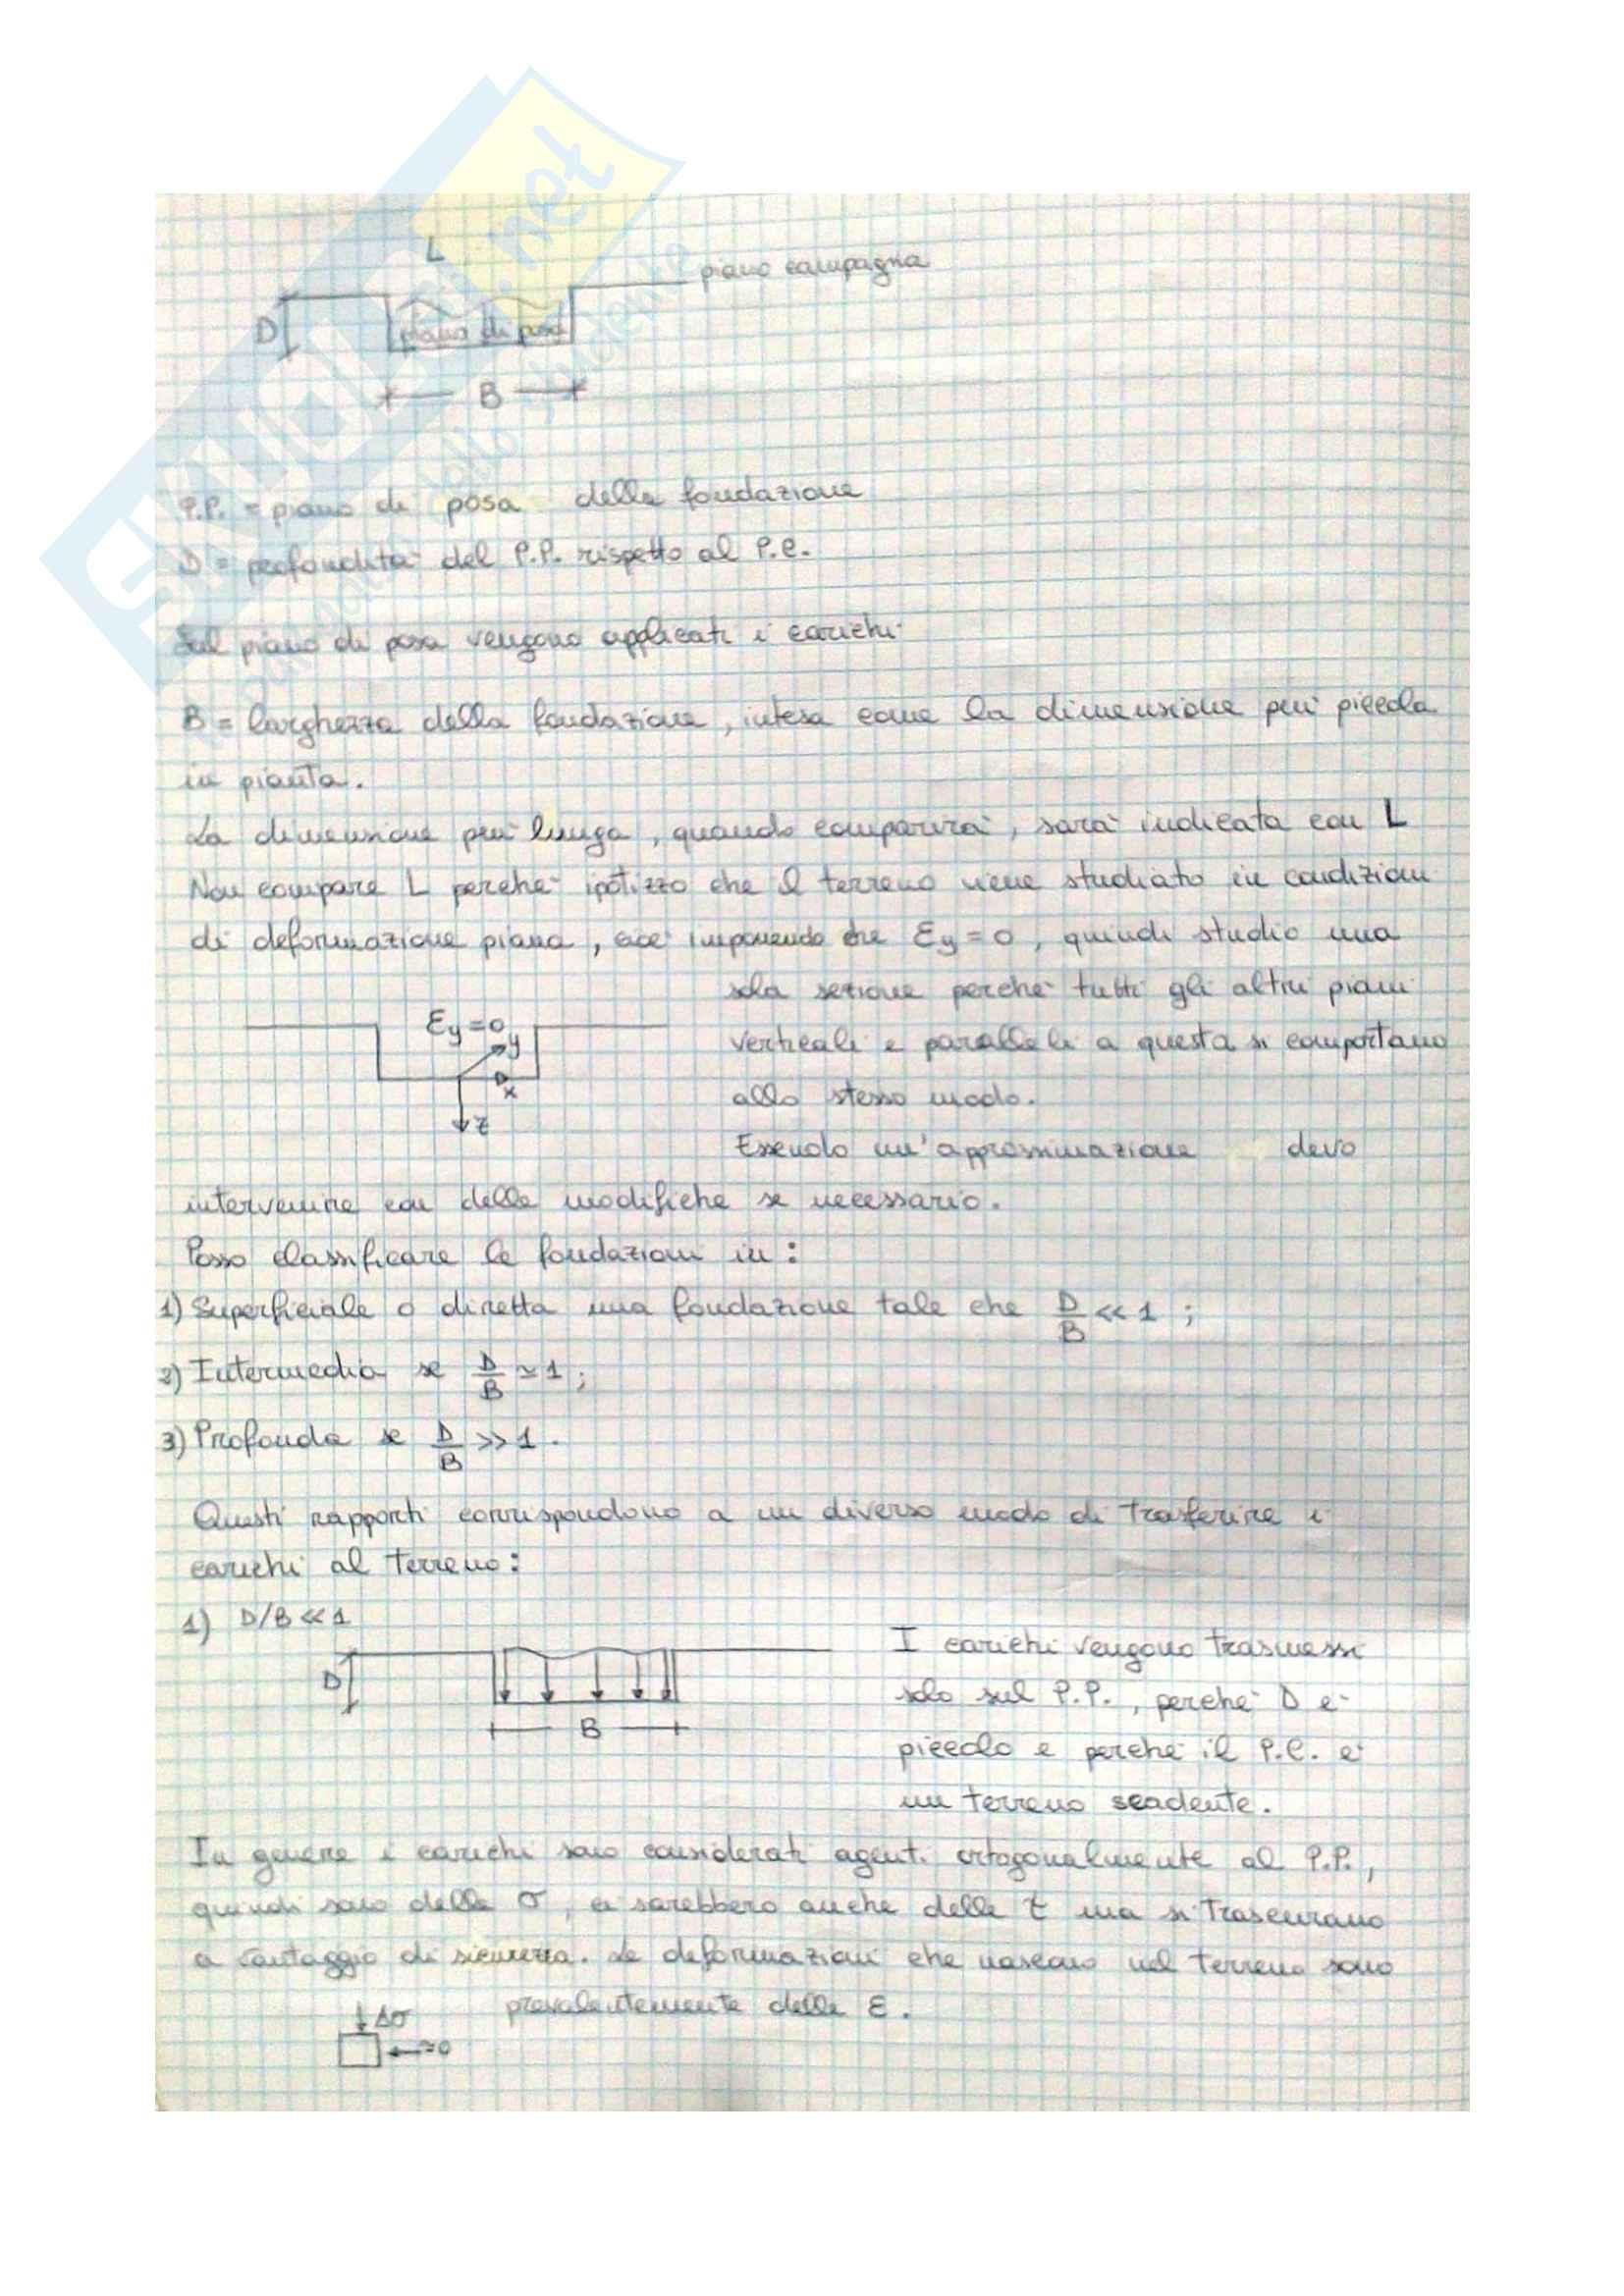 Appunti Fondazioni Pag. 2